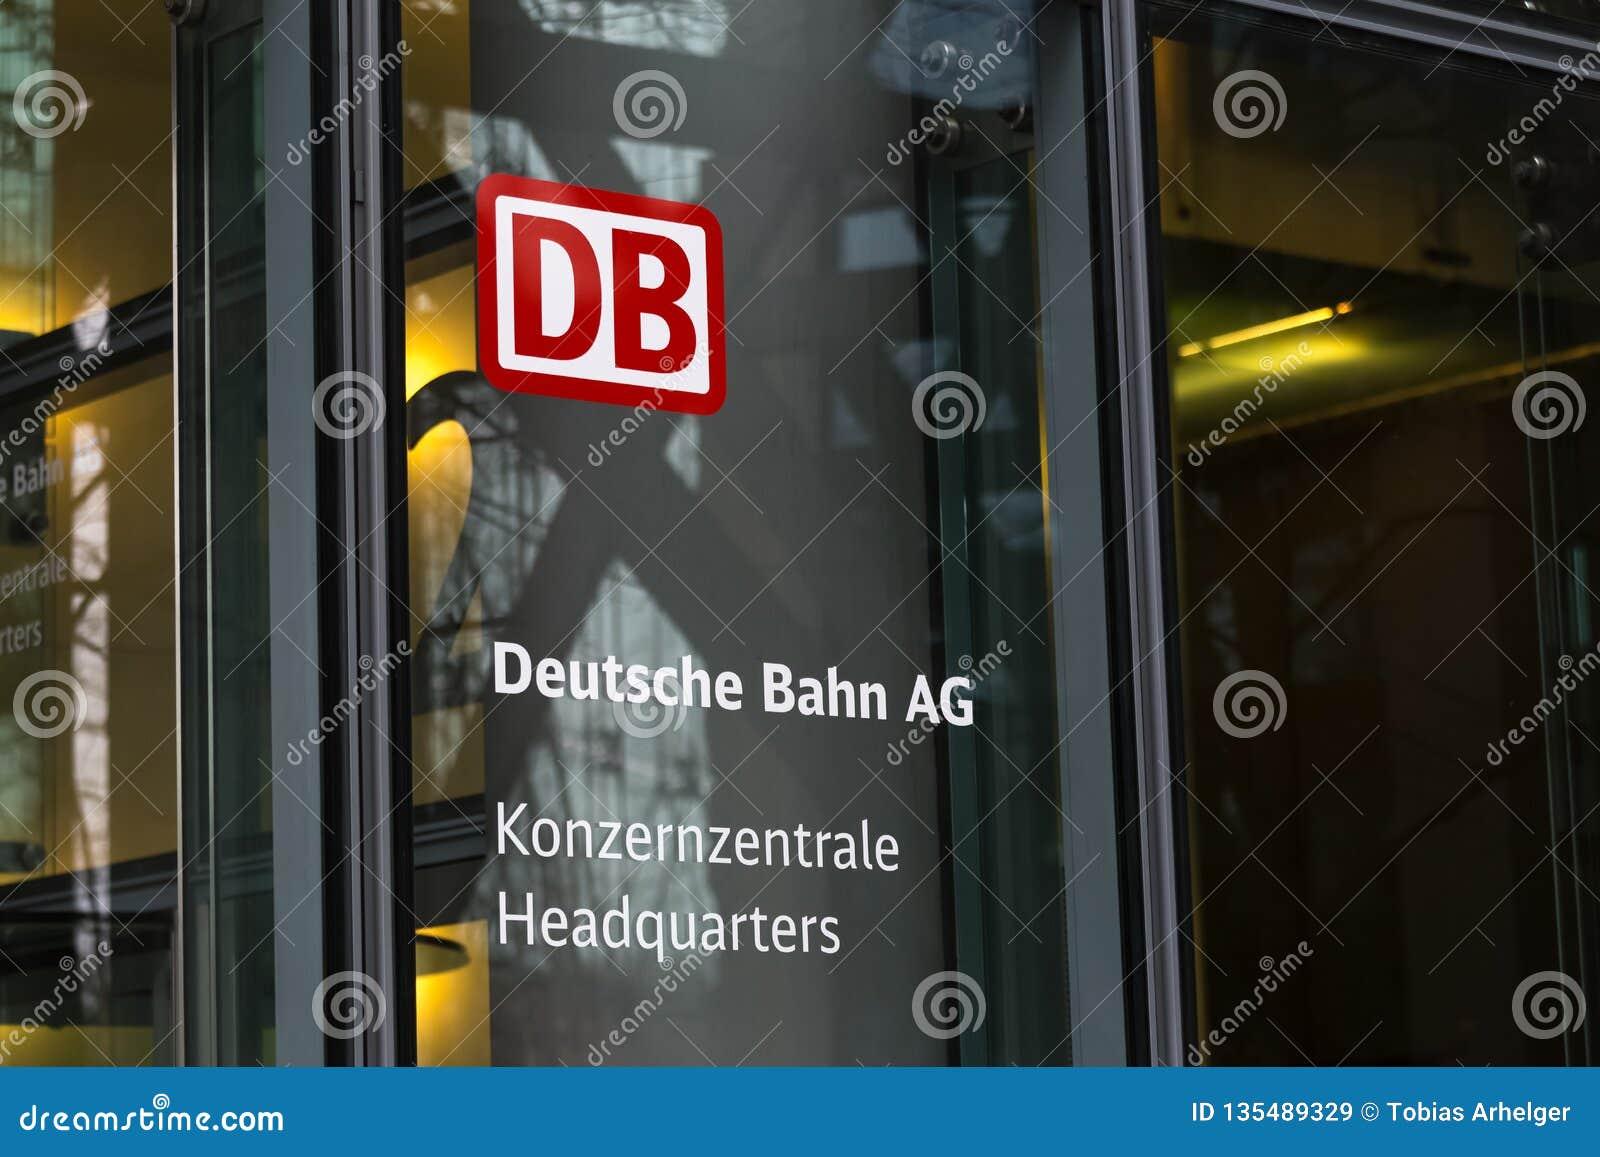 Берлин, Берлин/Германия - 24 12 18: штабы Deutsche Bahn возвышаются Берлин Германия